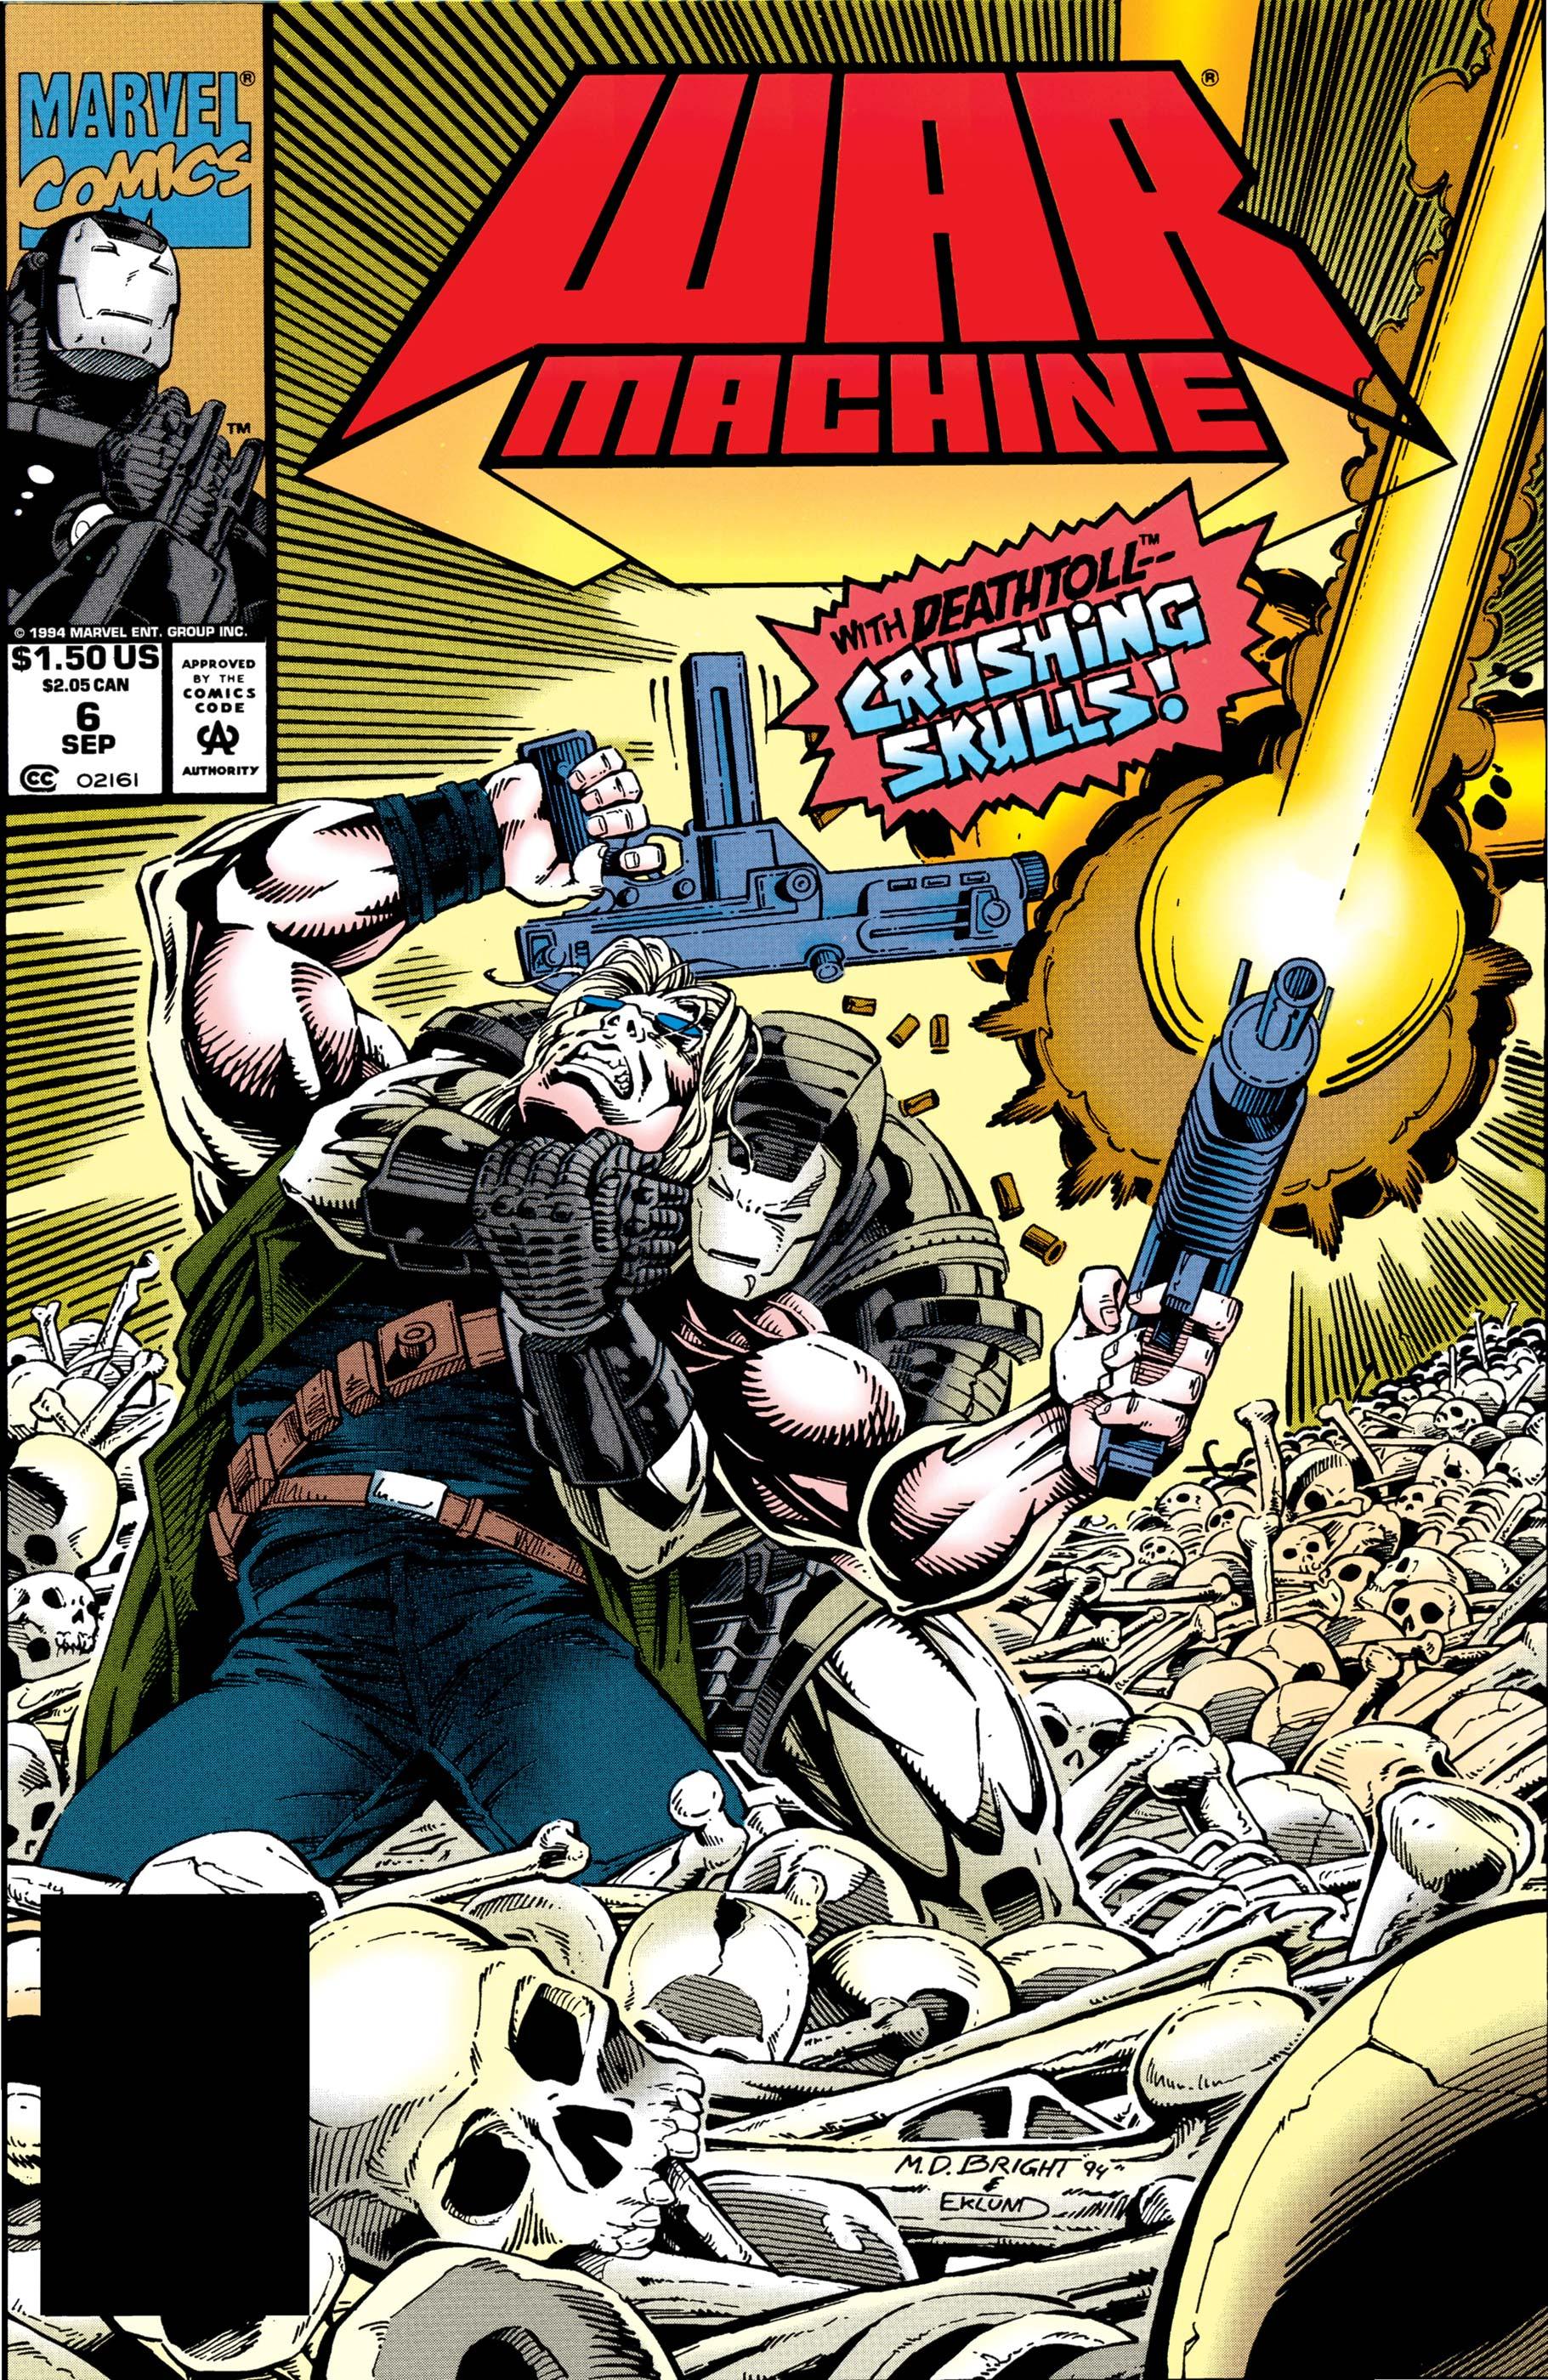 War Machine (1994) #6